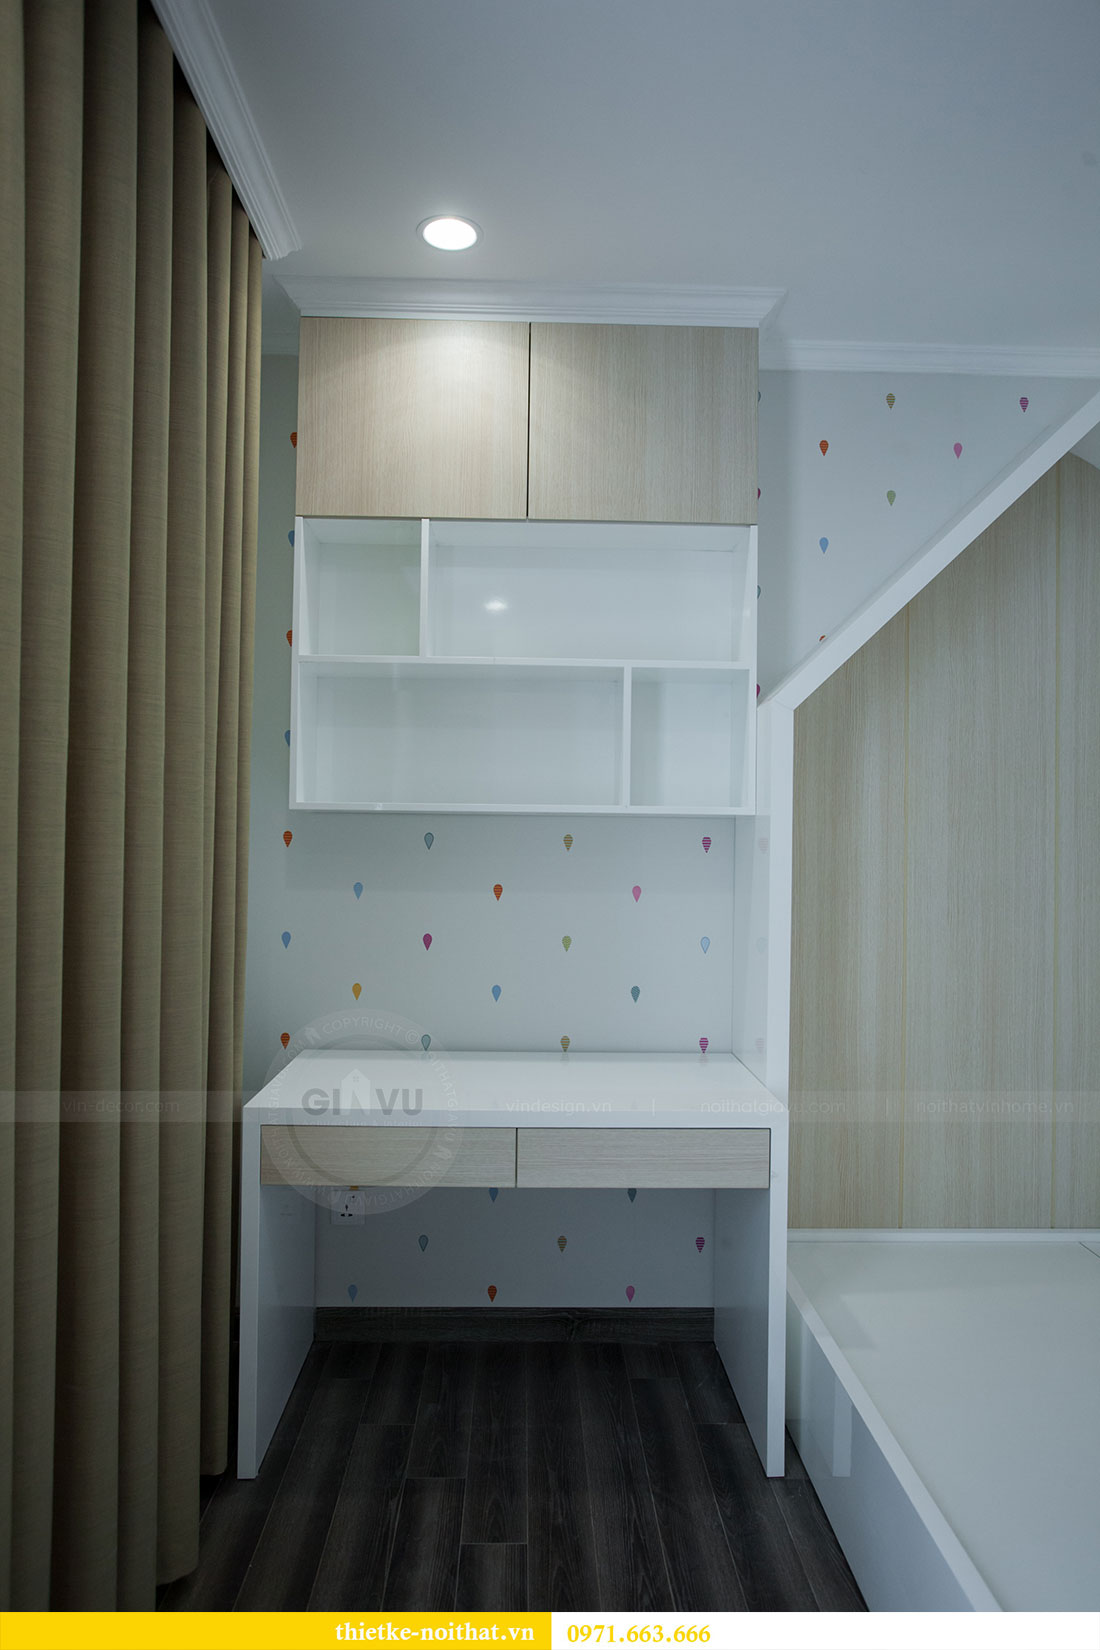 Hoàn thiện nội thất chung cư Seasons Avenue tòa S4 căn 06 chị My 19